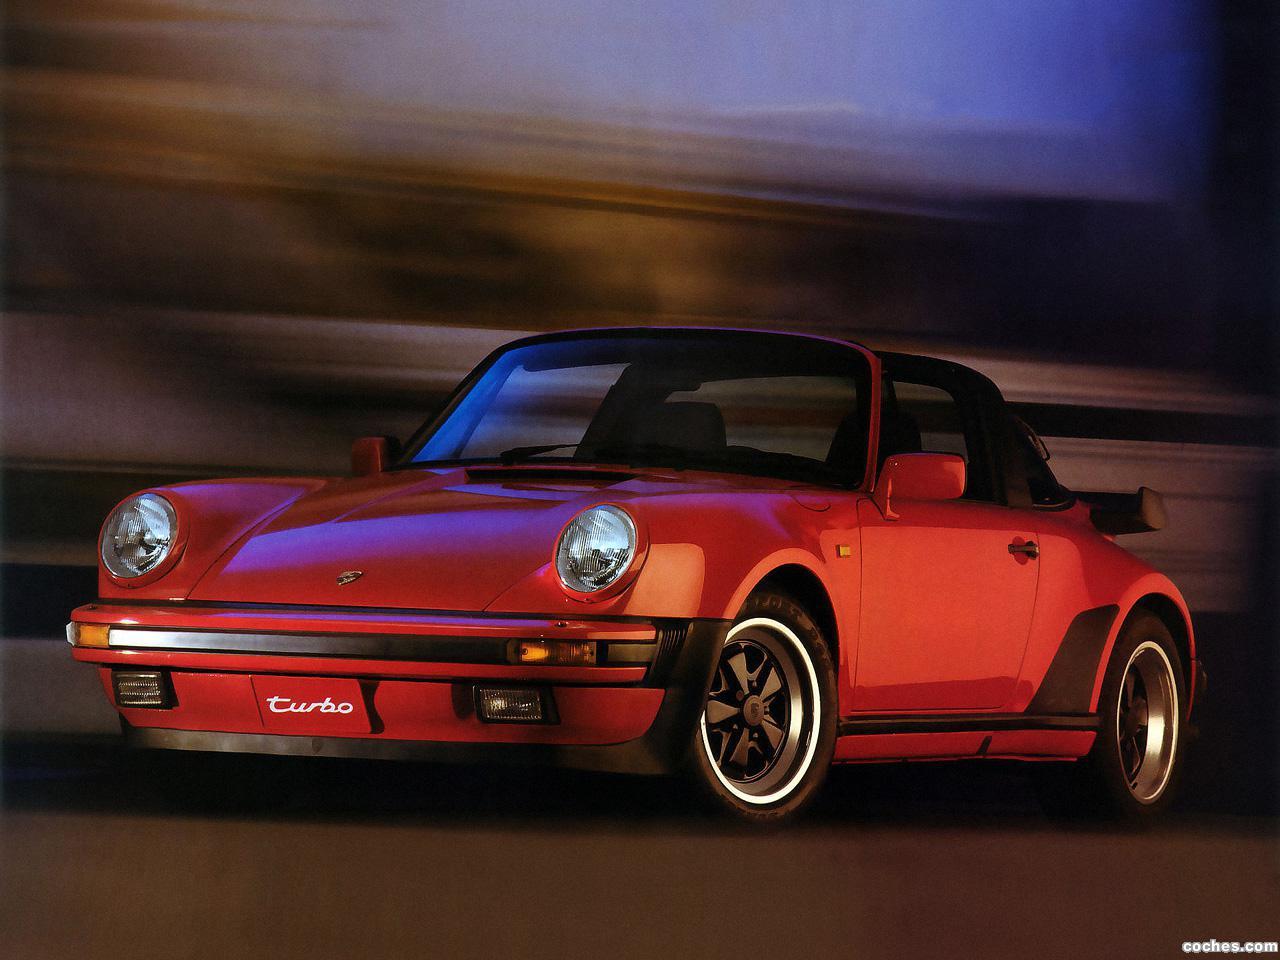 Foto 0 de Porsche 911 Turbo Targa 930 1987